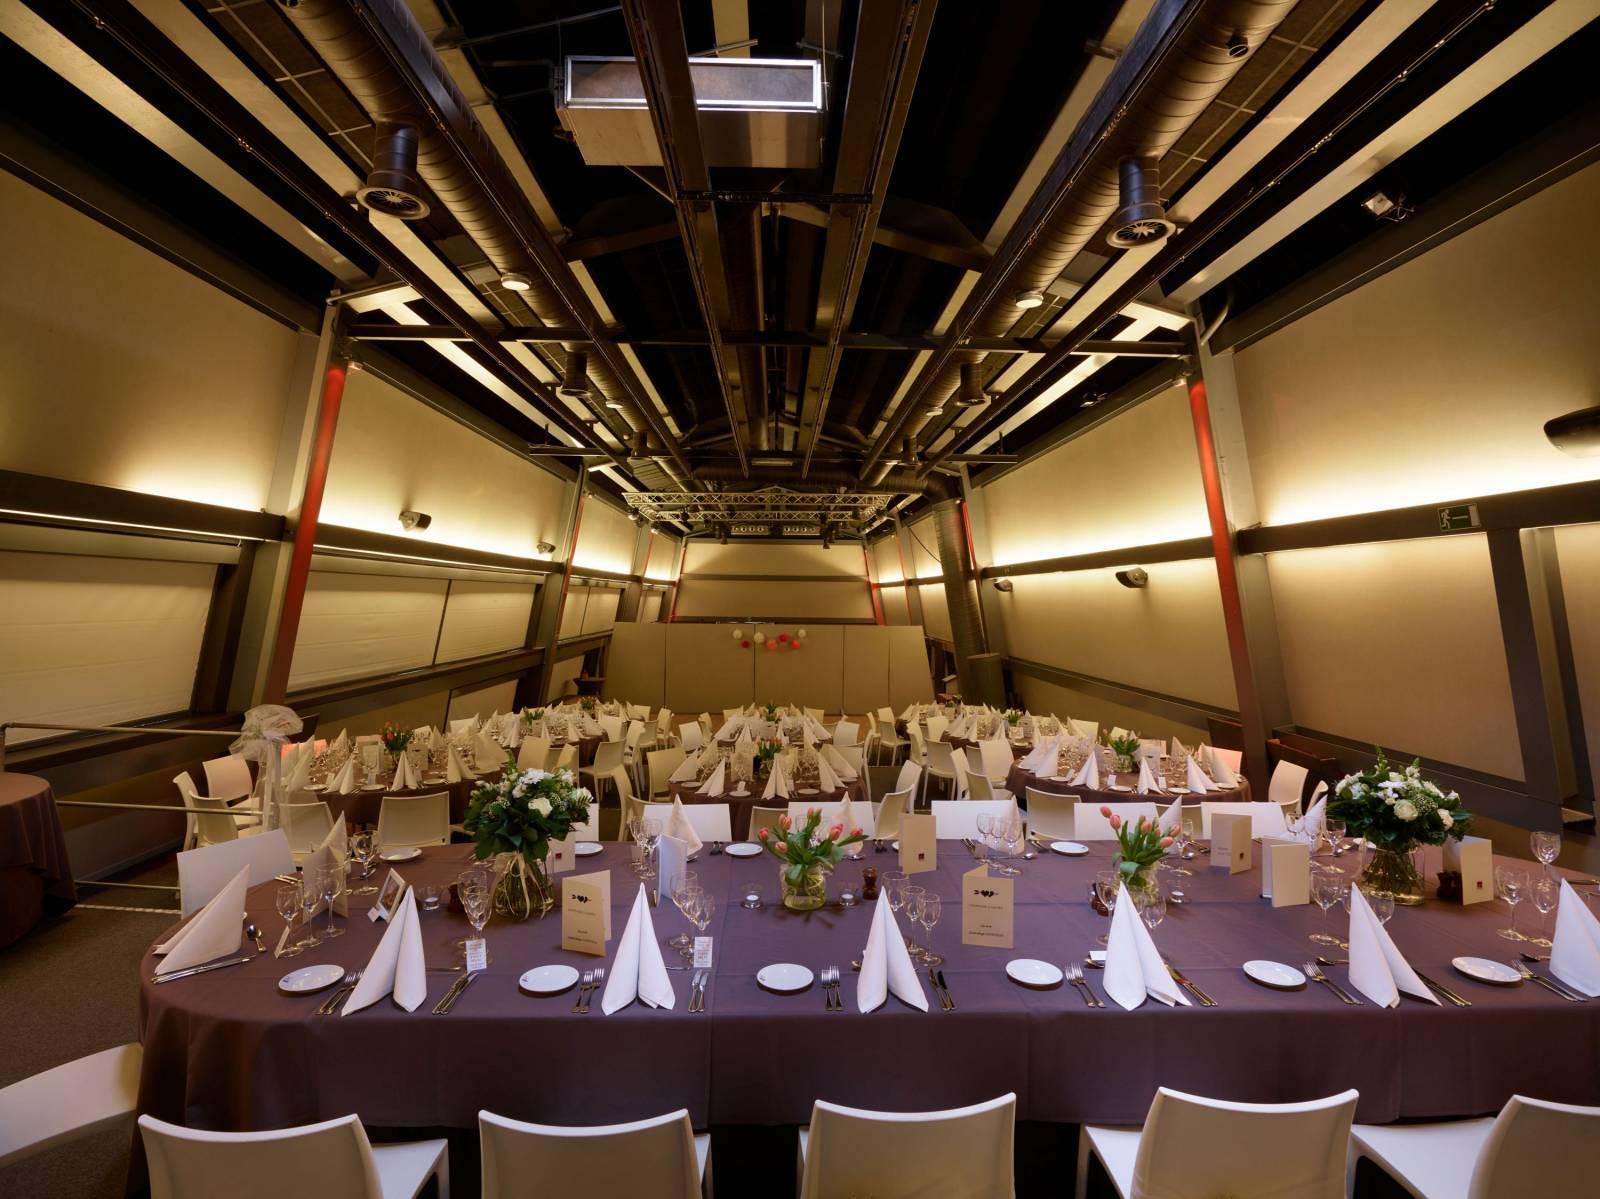 De Ark - Feestzaal Antwerpen - Trouwzaal - House of Weddings - 15